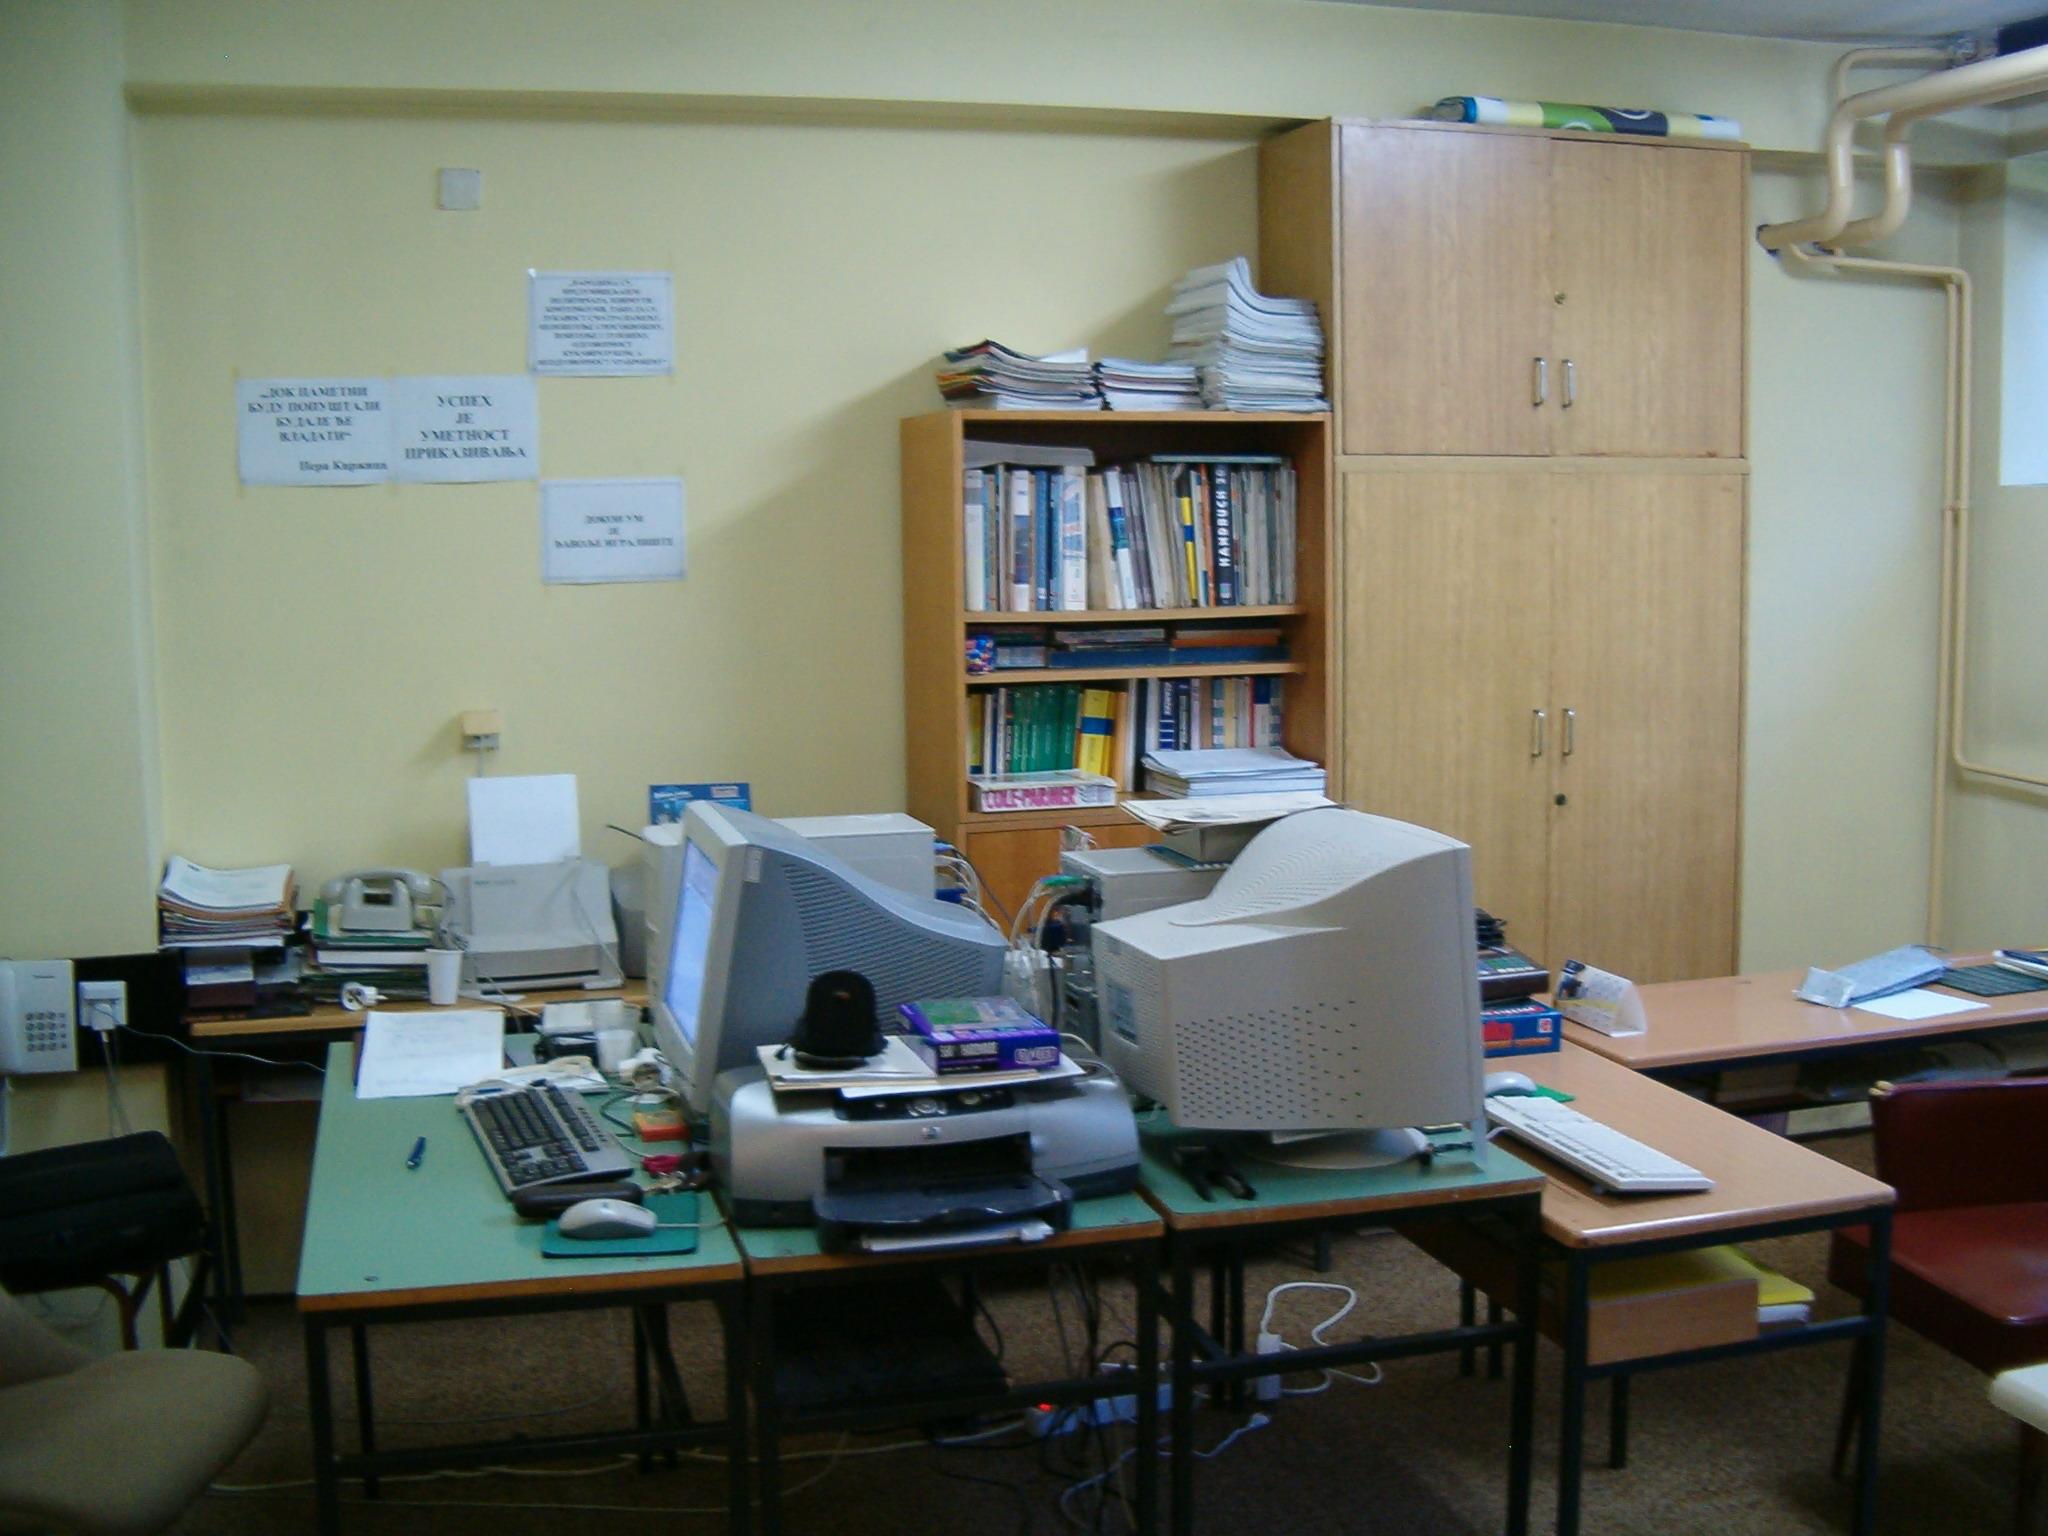 Labaratorija - jul 2005.